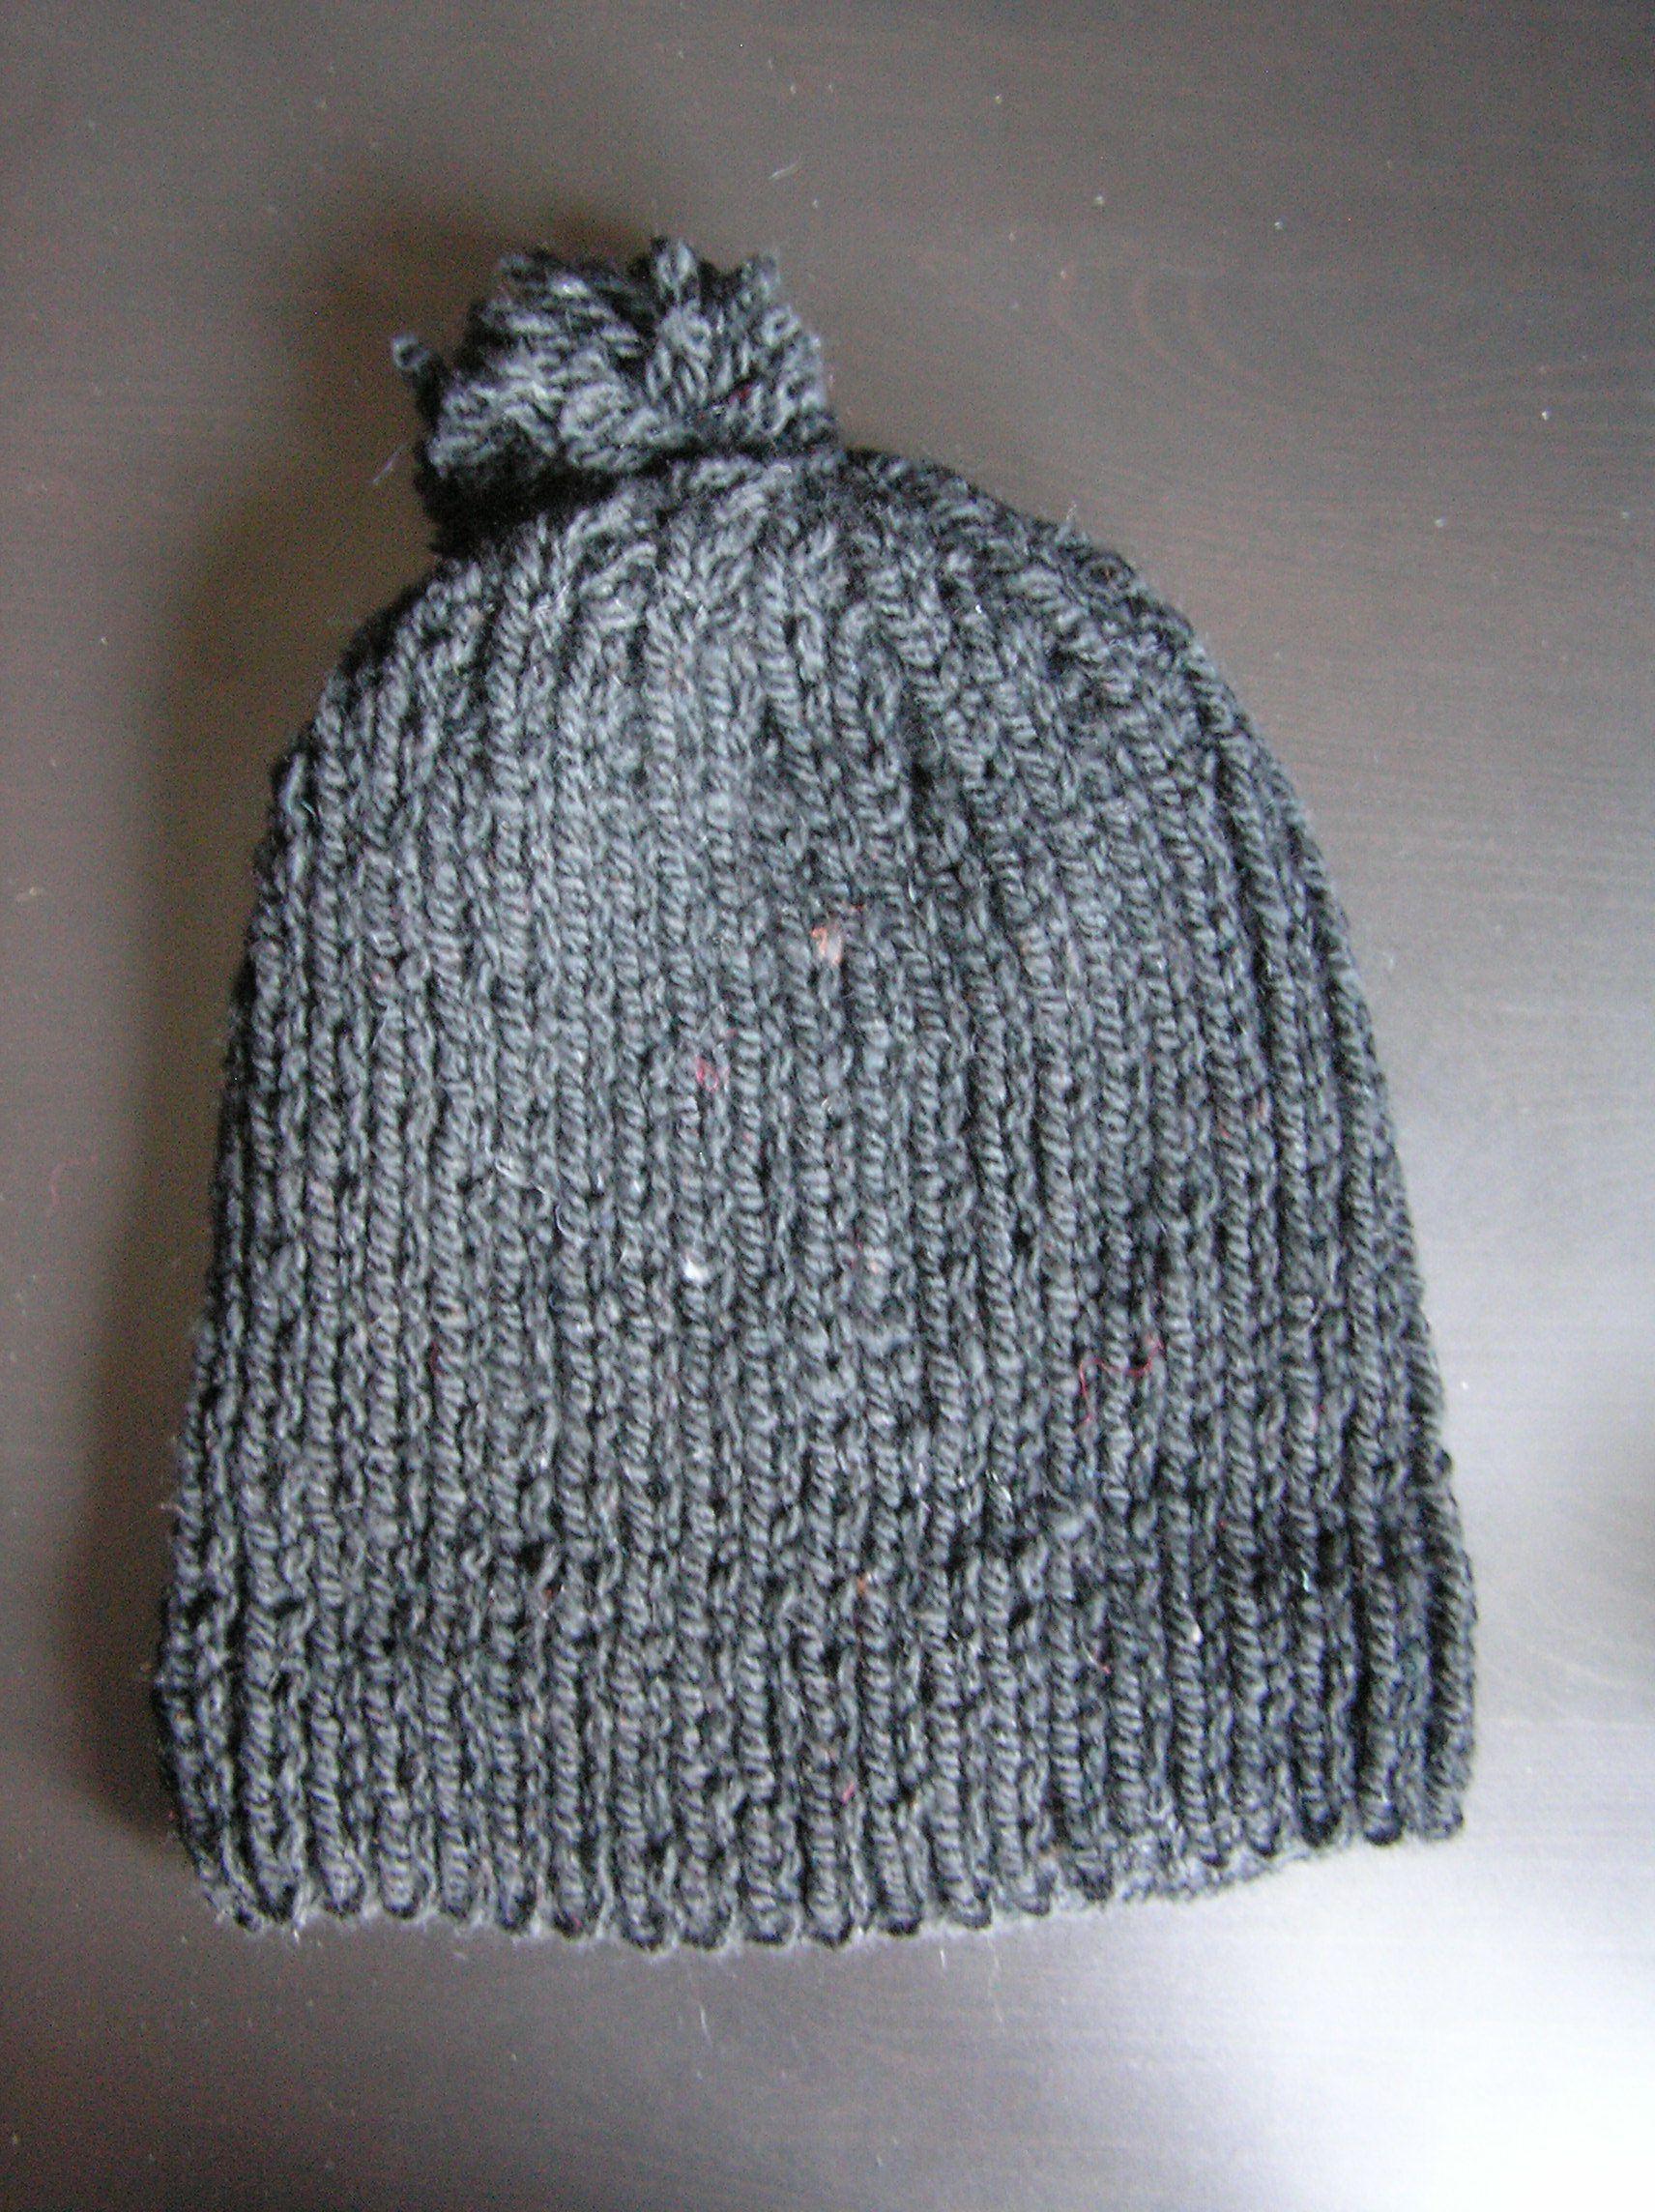 шапкаспомпоном шапкавязаная шапказимняя шапкамужская шапка женская